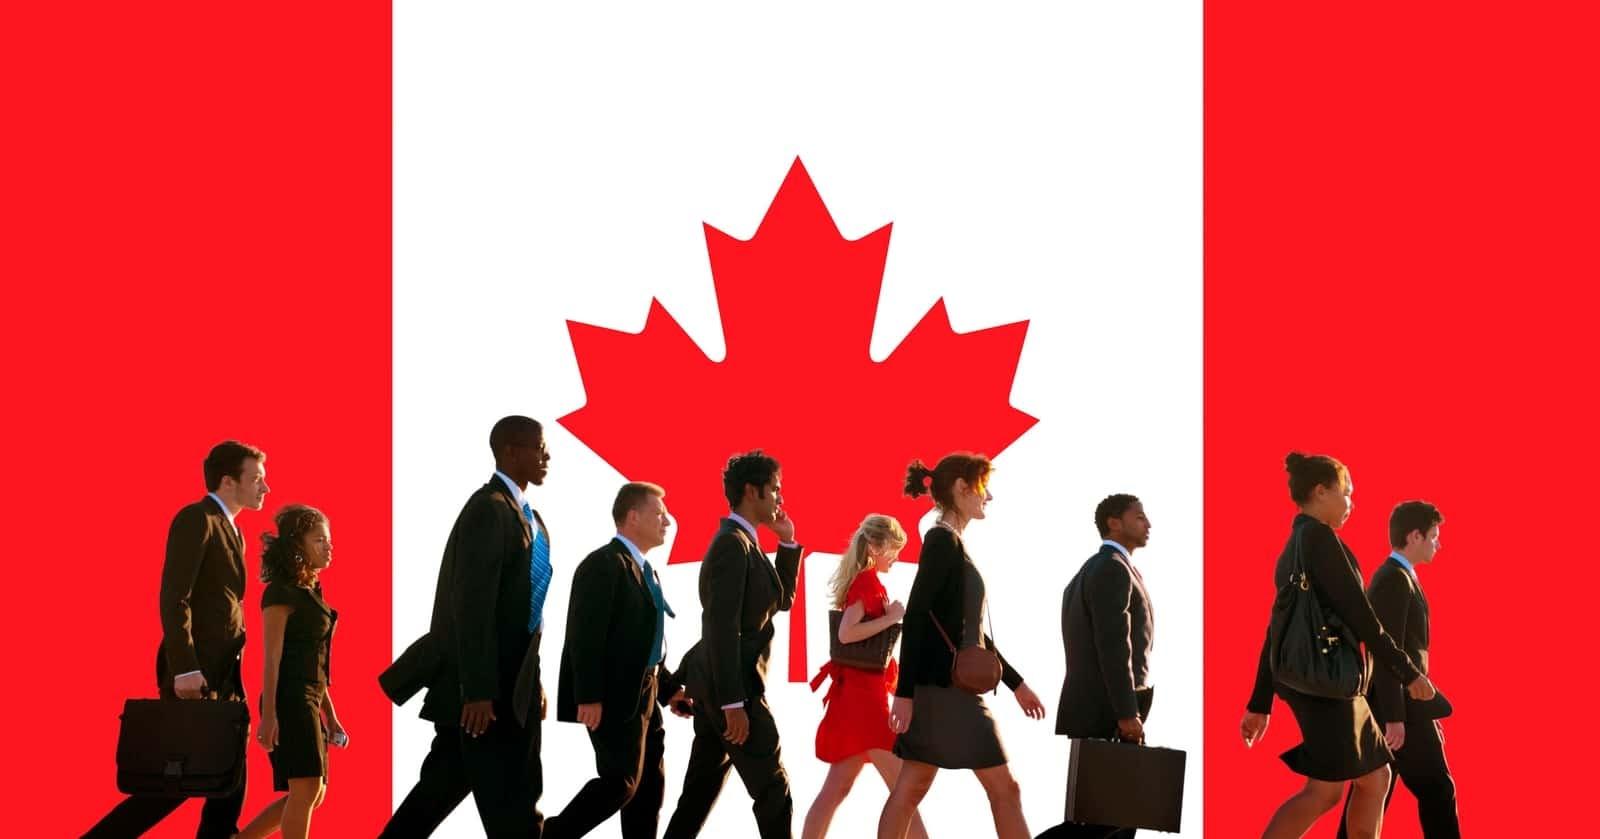 người việt ở canada, hội người việt ở canada, người việt tại canada, hội người việt tại canada, người việt canada, người việt ở canada làm nghề gì, người việt ở canada làm gì, người việt sống ở canada, chợ người việt ở canada, liên hội người việt canada, khu người việt ở canada, người việt nam sống ở canada, cuộc sống người việt tại canada, người việt sang canada làm gì, hội người việt canada, báo người việt tại canada, cộng đồng người việt canada, người việt nam ở canada, người việt sinh sống tại canada